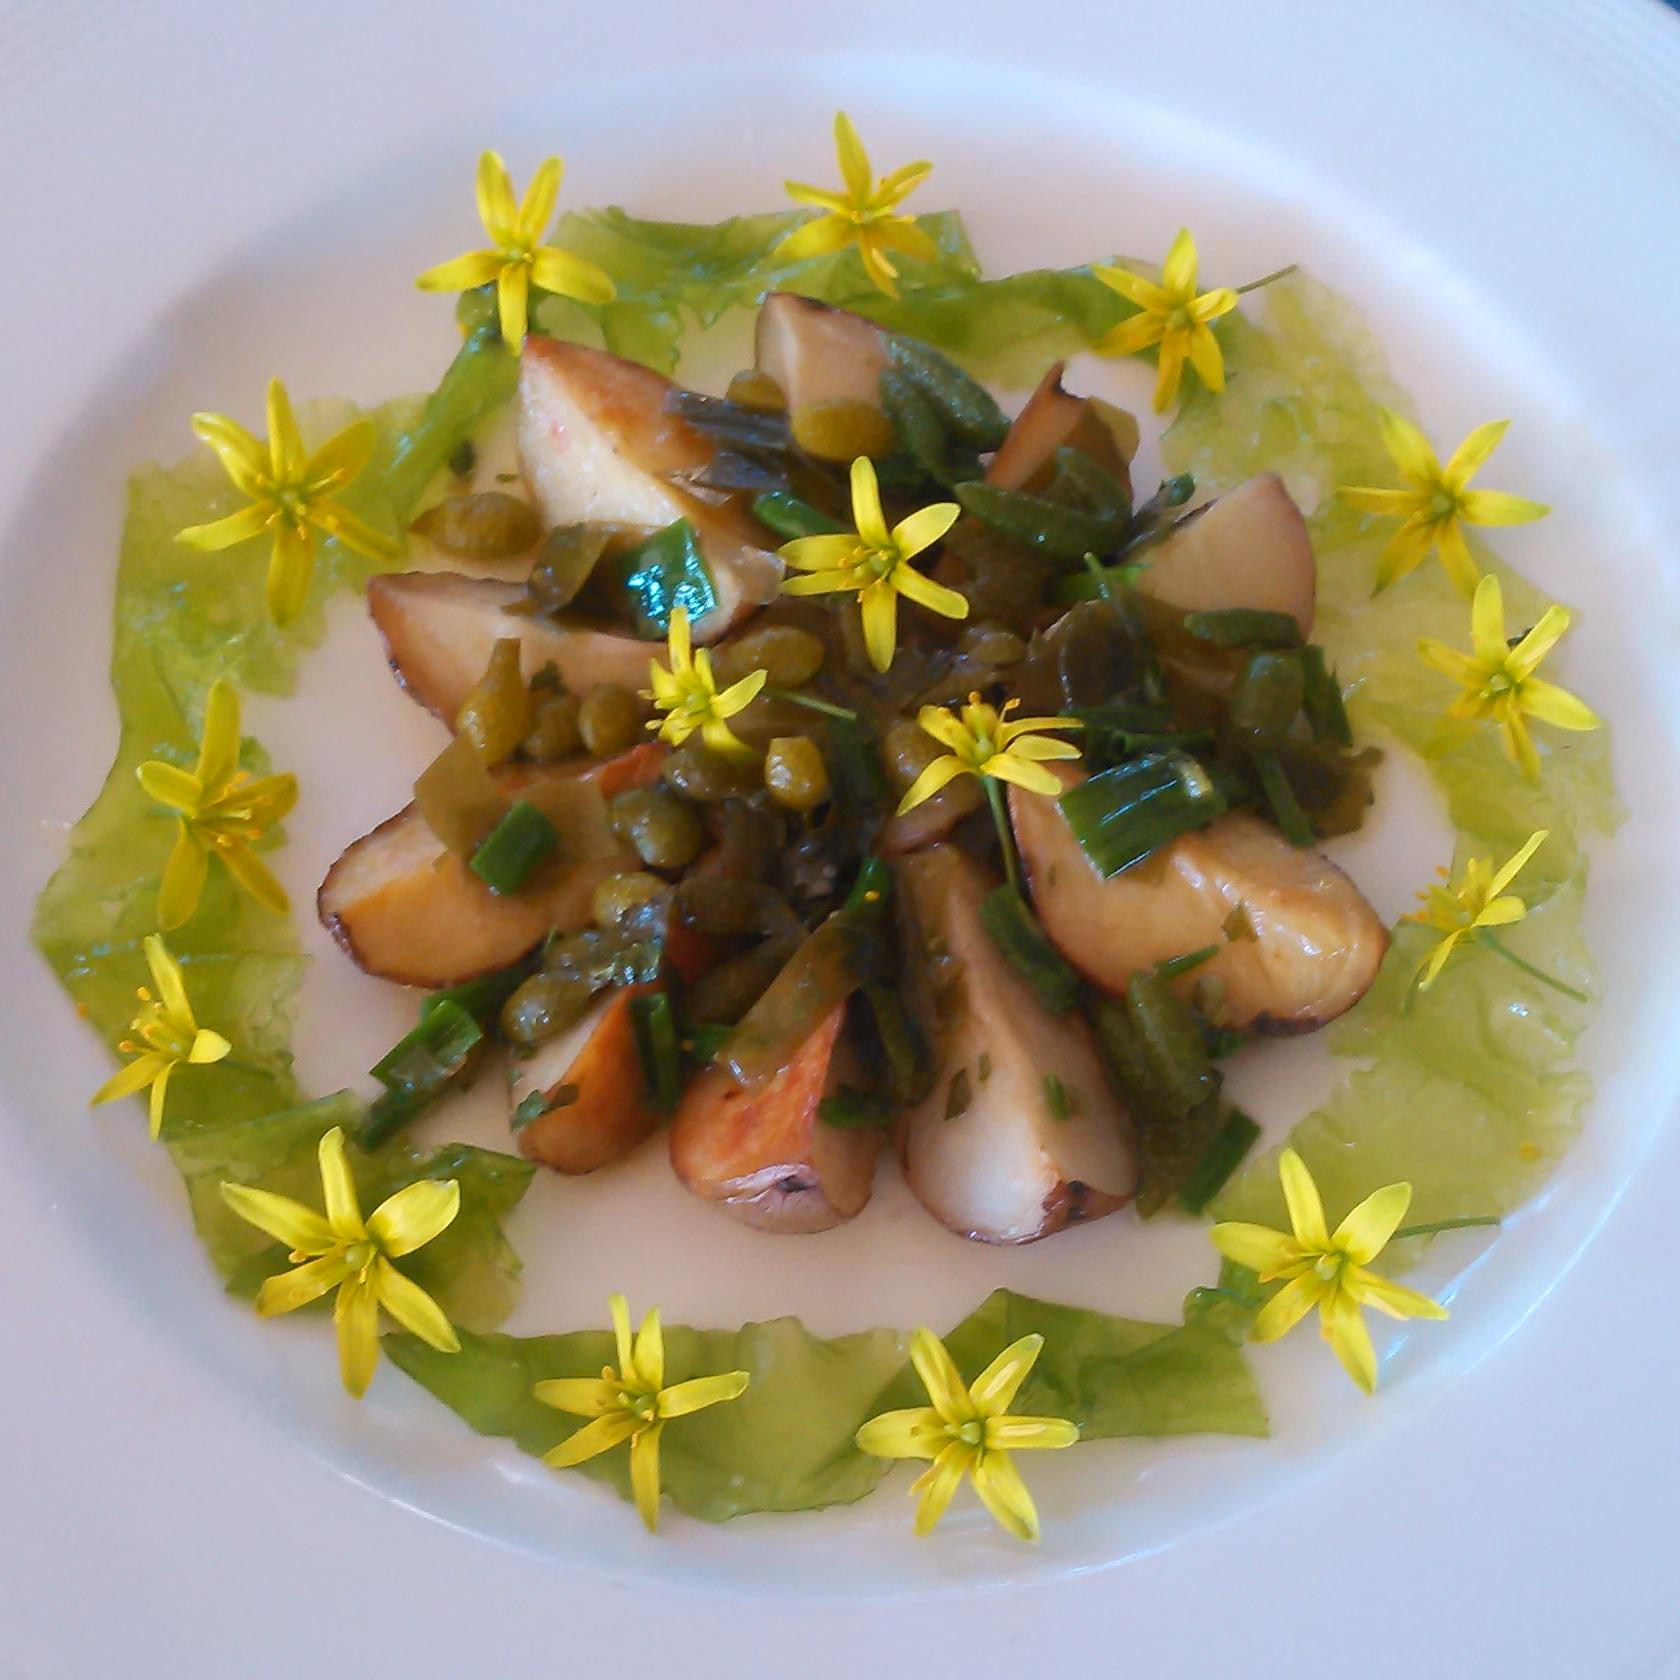 Smørdampet blader av gullstjerne, sukkertang, vingetang, blærer av grisetang og blæretang servert på toppen av poteter av sortene Pimpernell, Beate, Kerrspink og Peik. Rundt det hele ligger sjøsalat og blomster av gullstjerne.